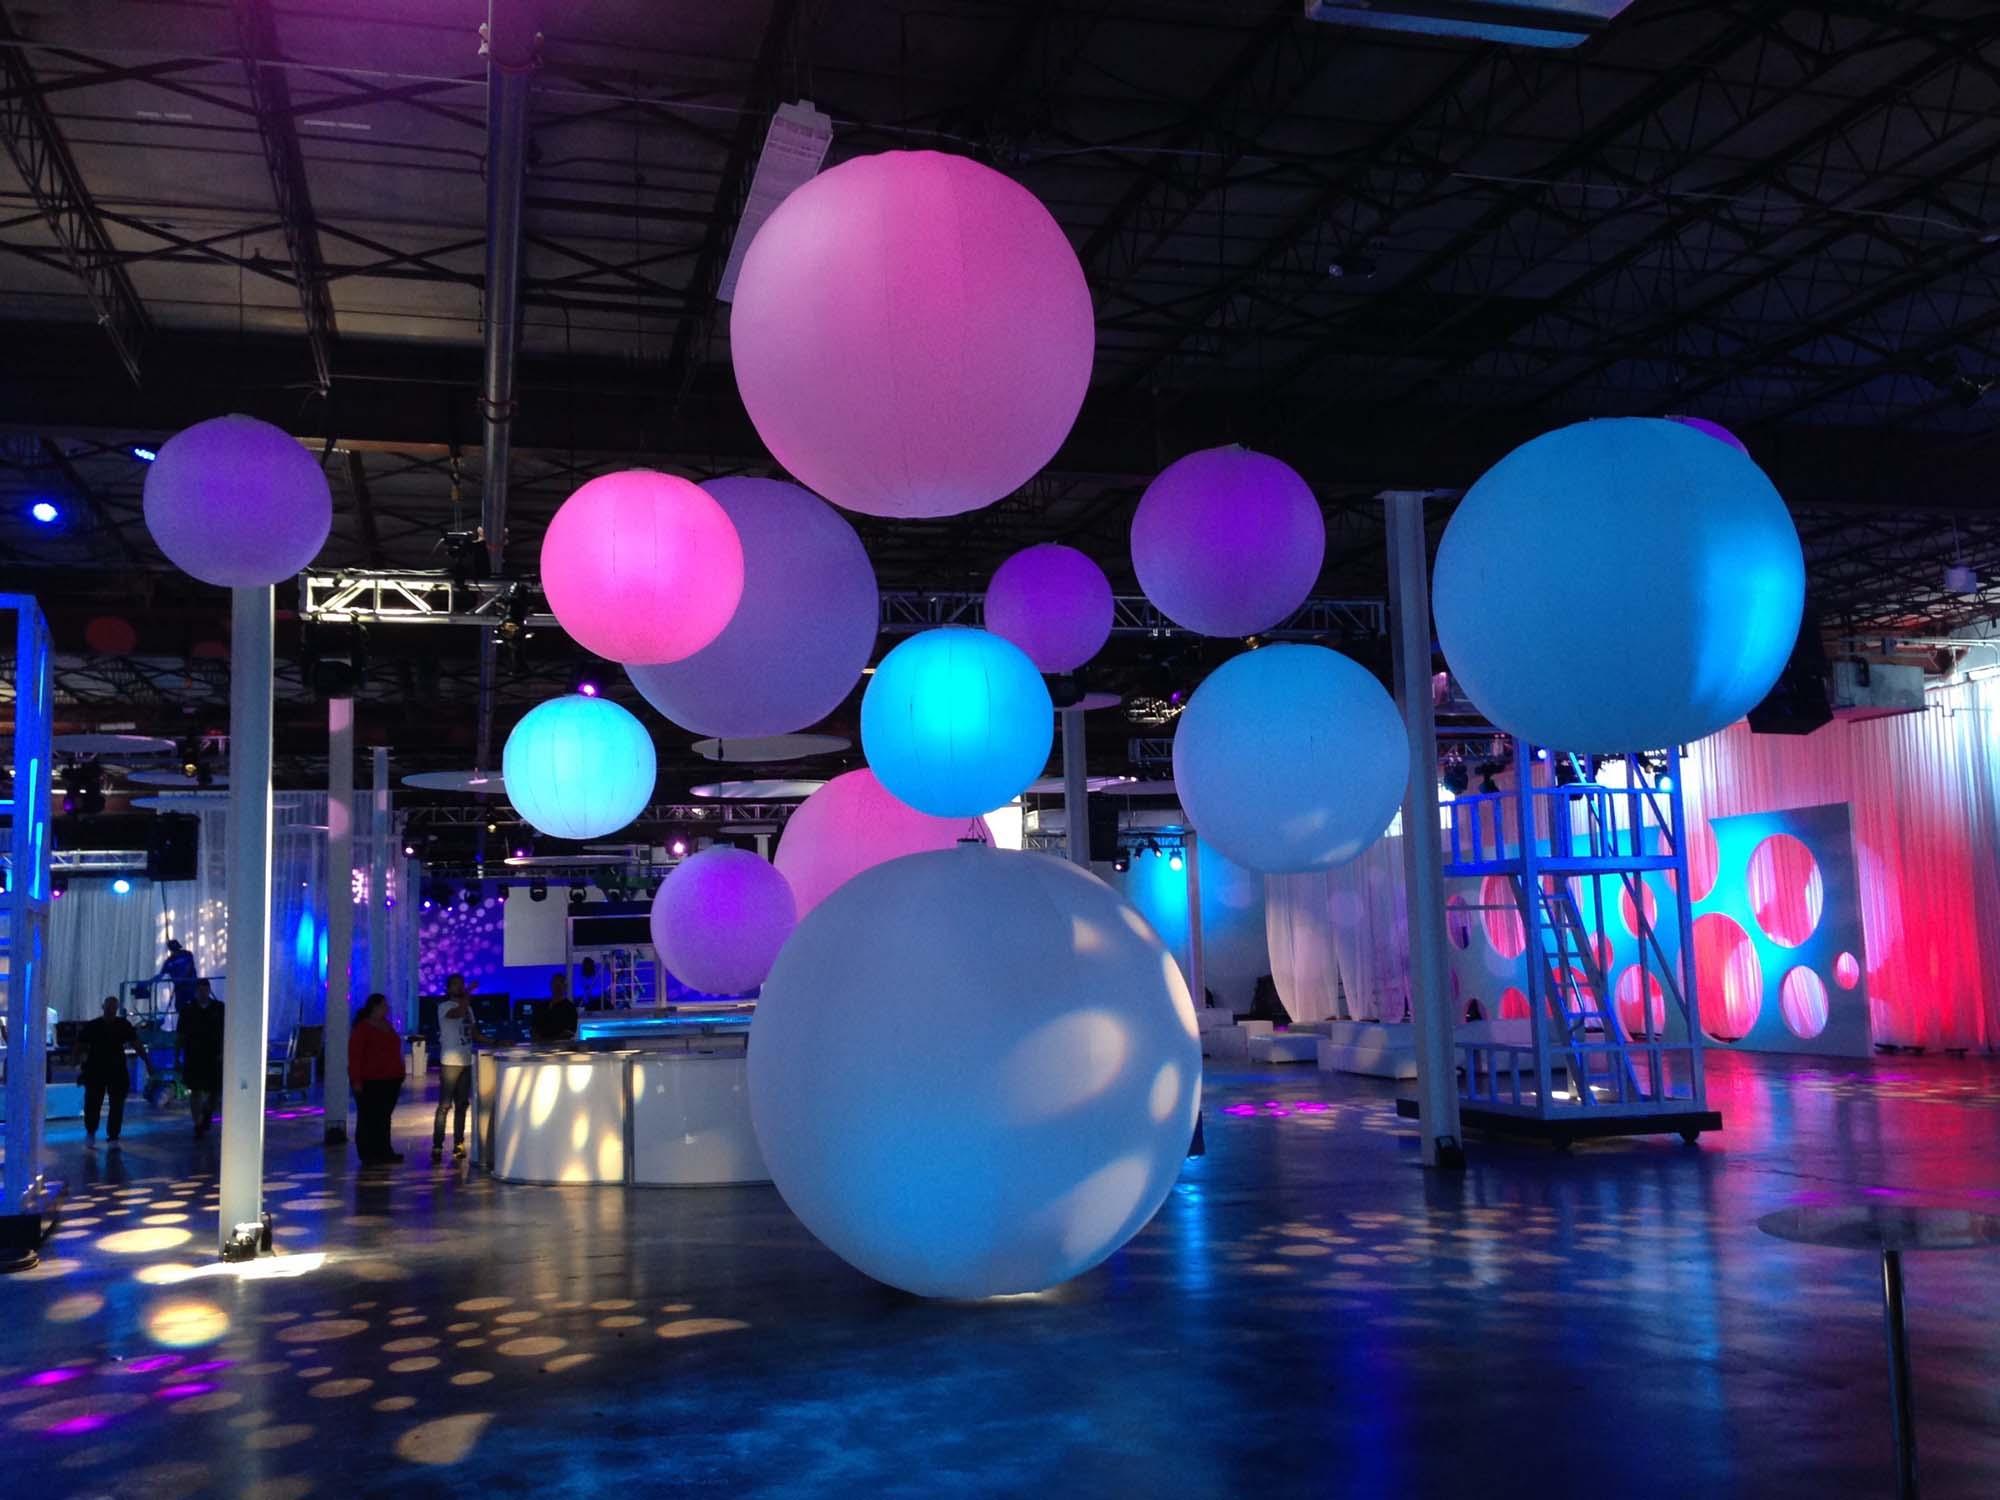 Blue, pink and purple Sphere Hi-Lights Floating in Dark Room